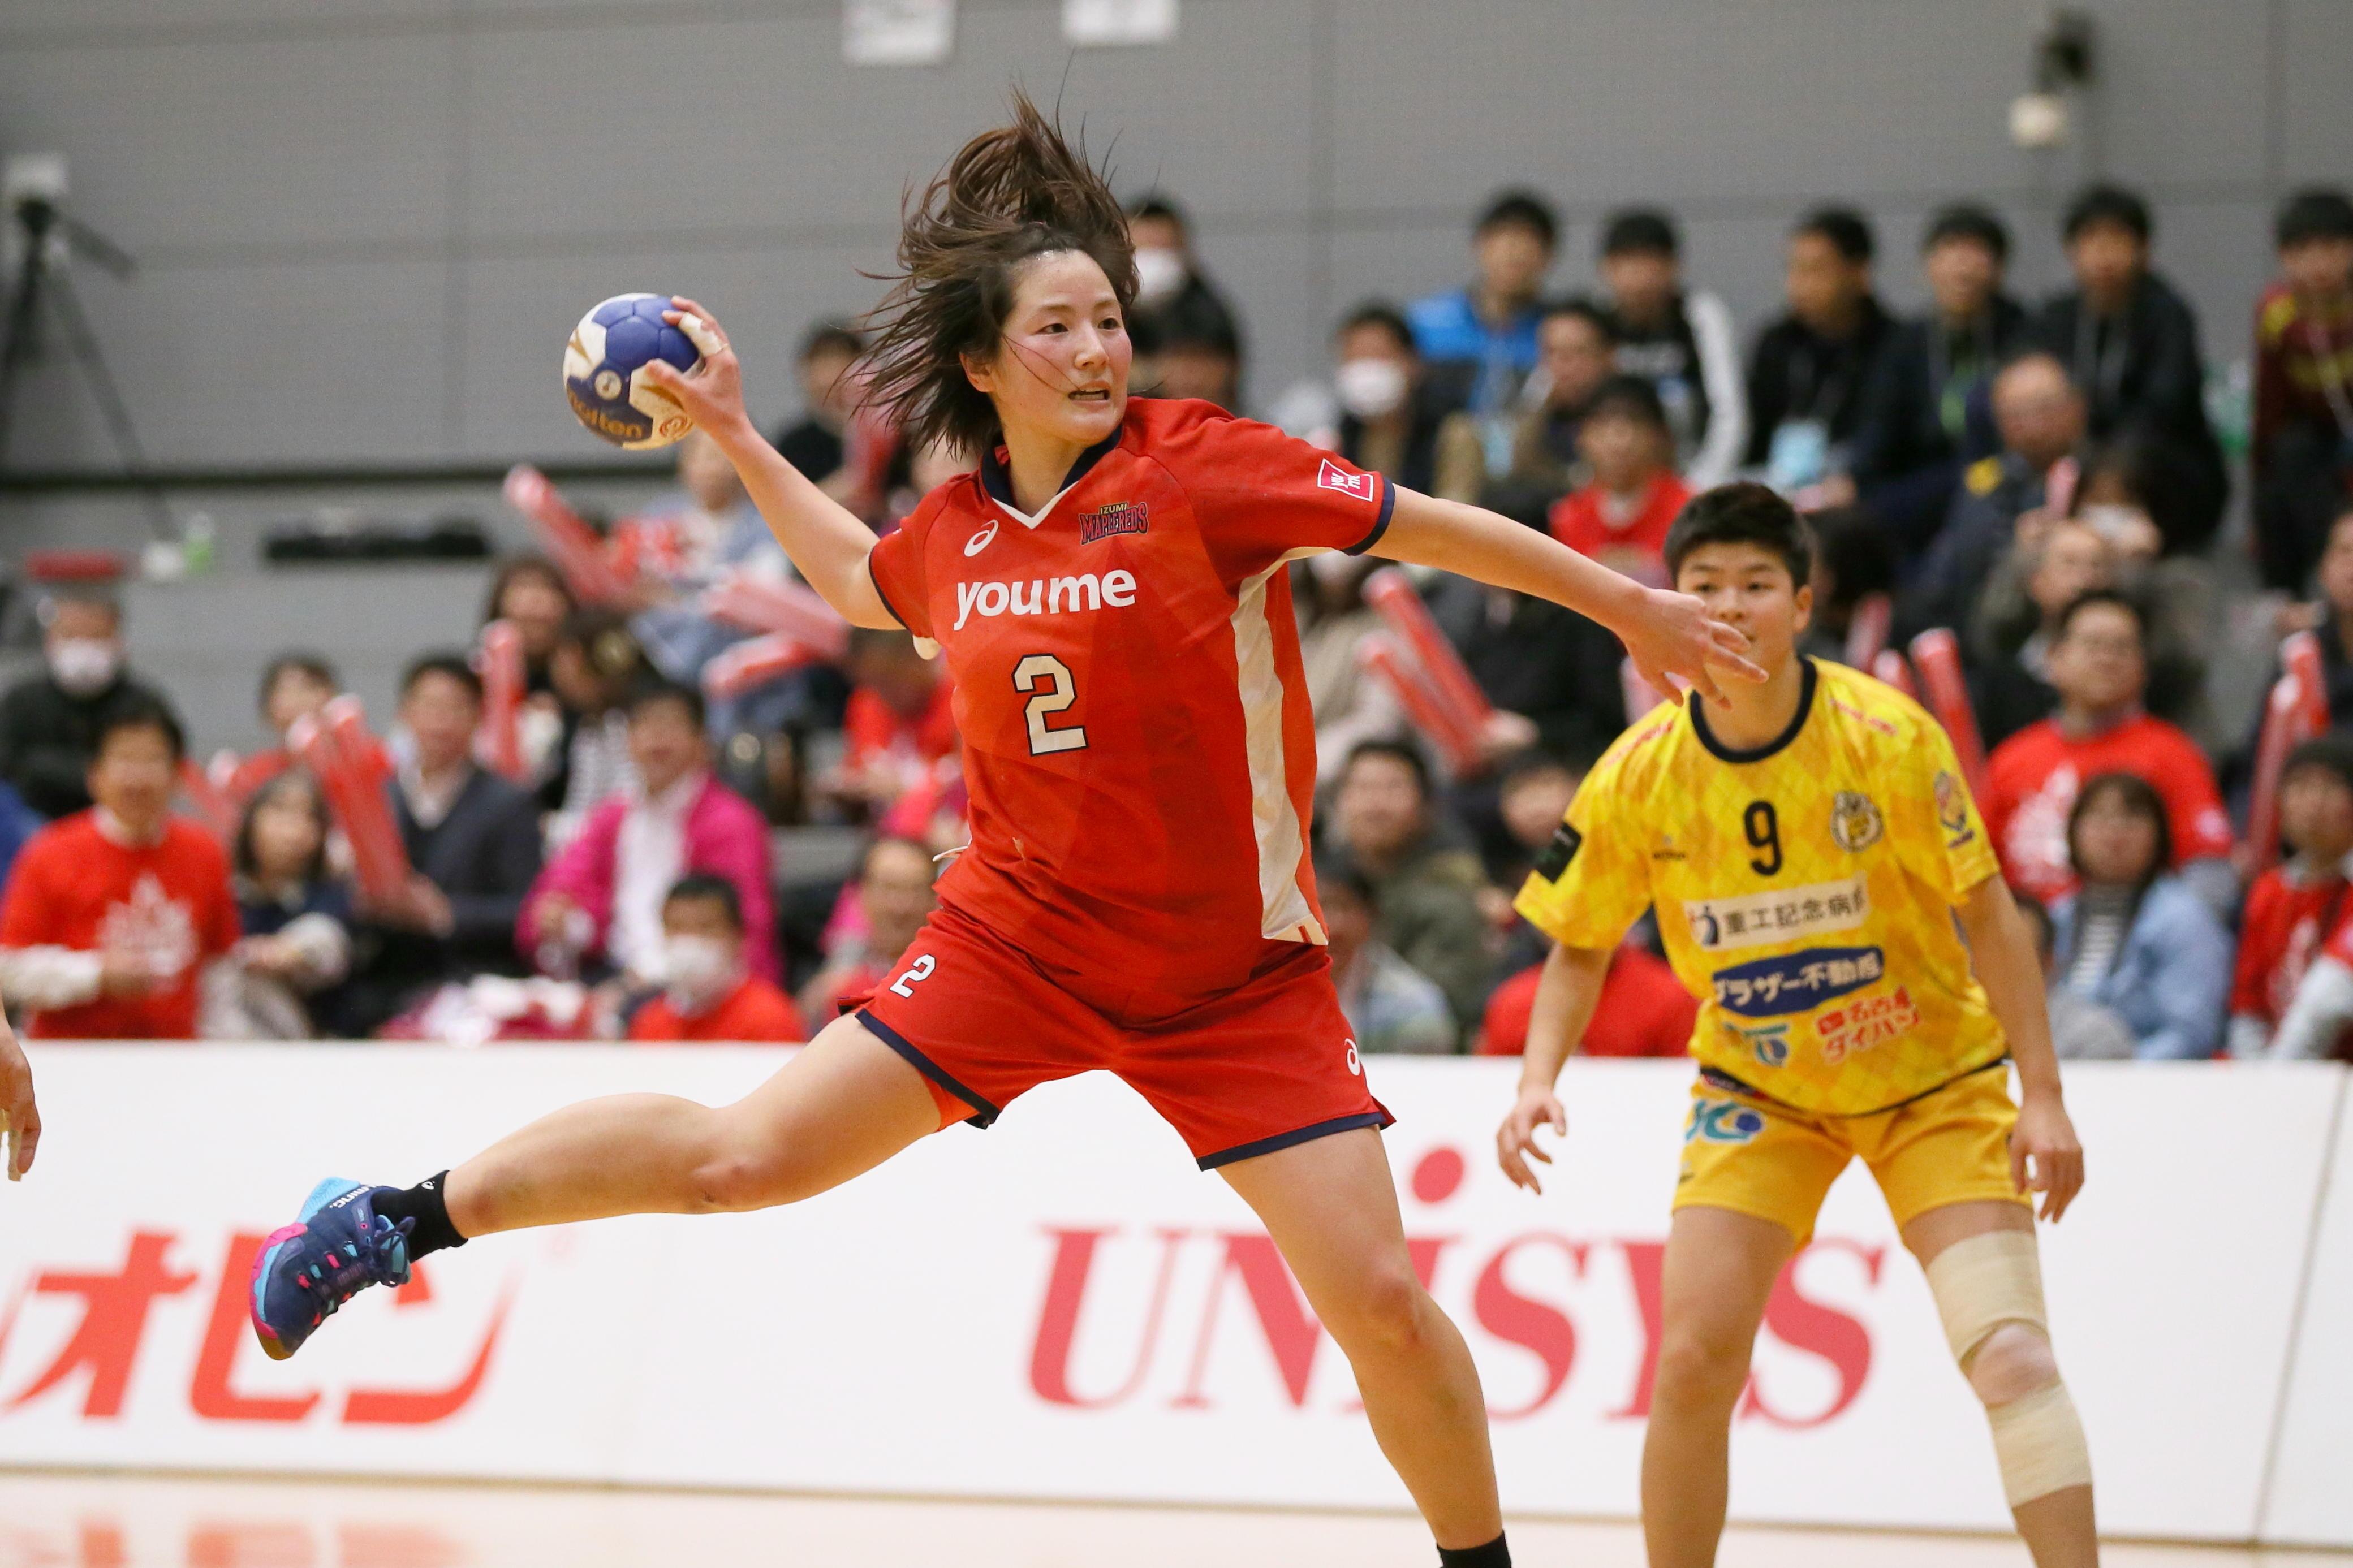 第44回日本ハンドボールリーグプレーオフ進出決定! イメージ